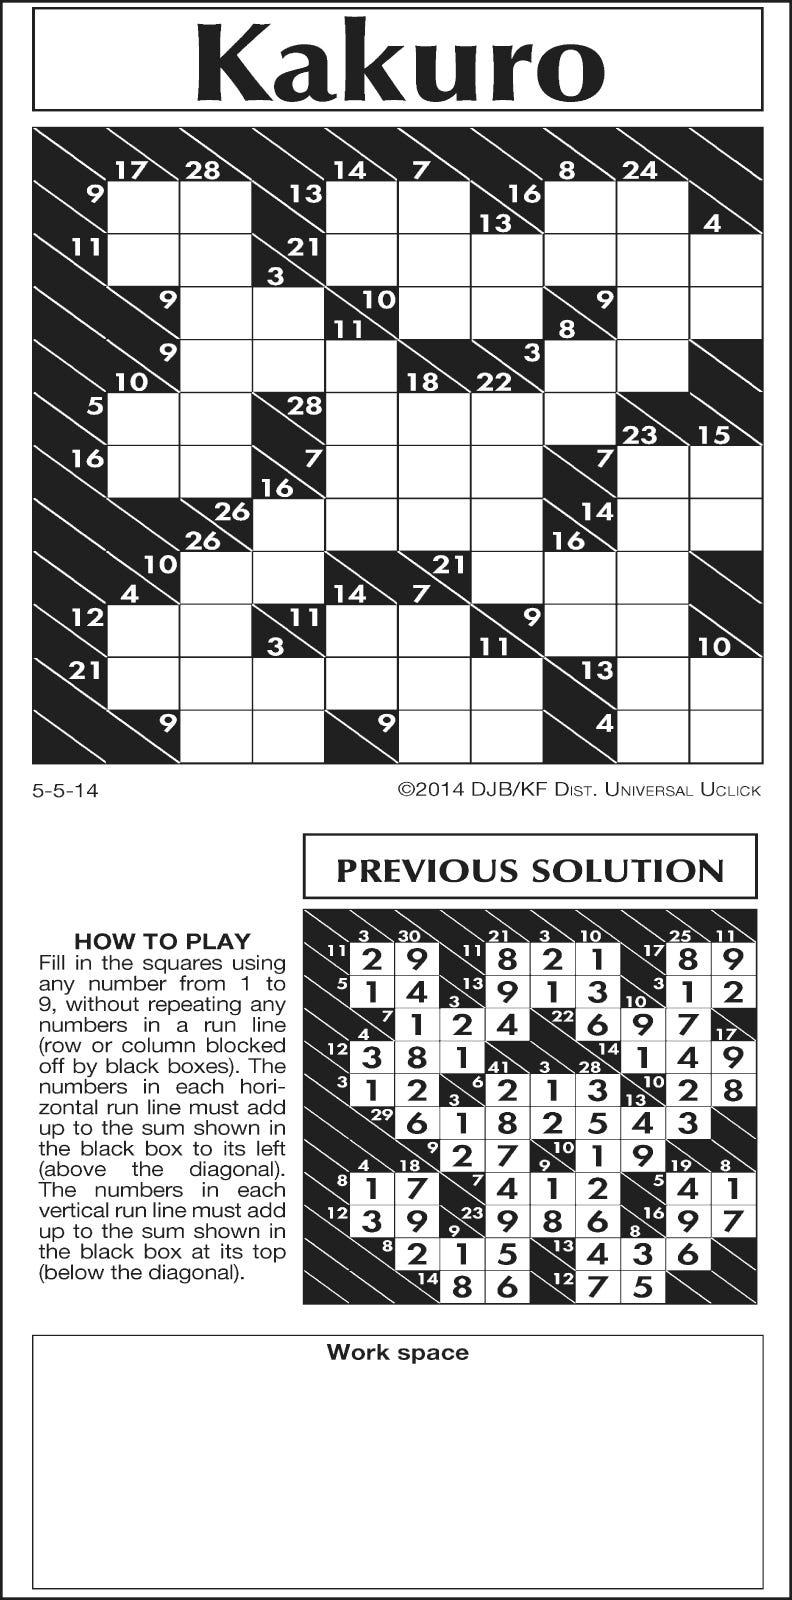 graphic regarding Kakuro Printable identify Mondays dropped Kakuro puzzle